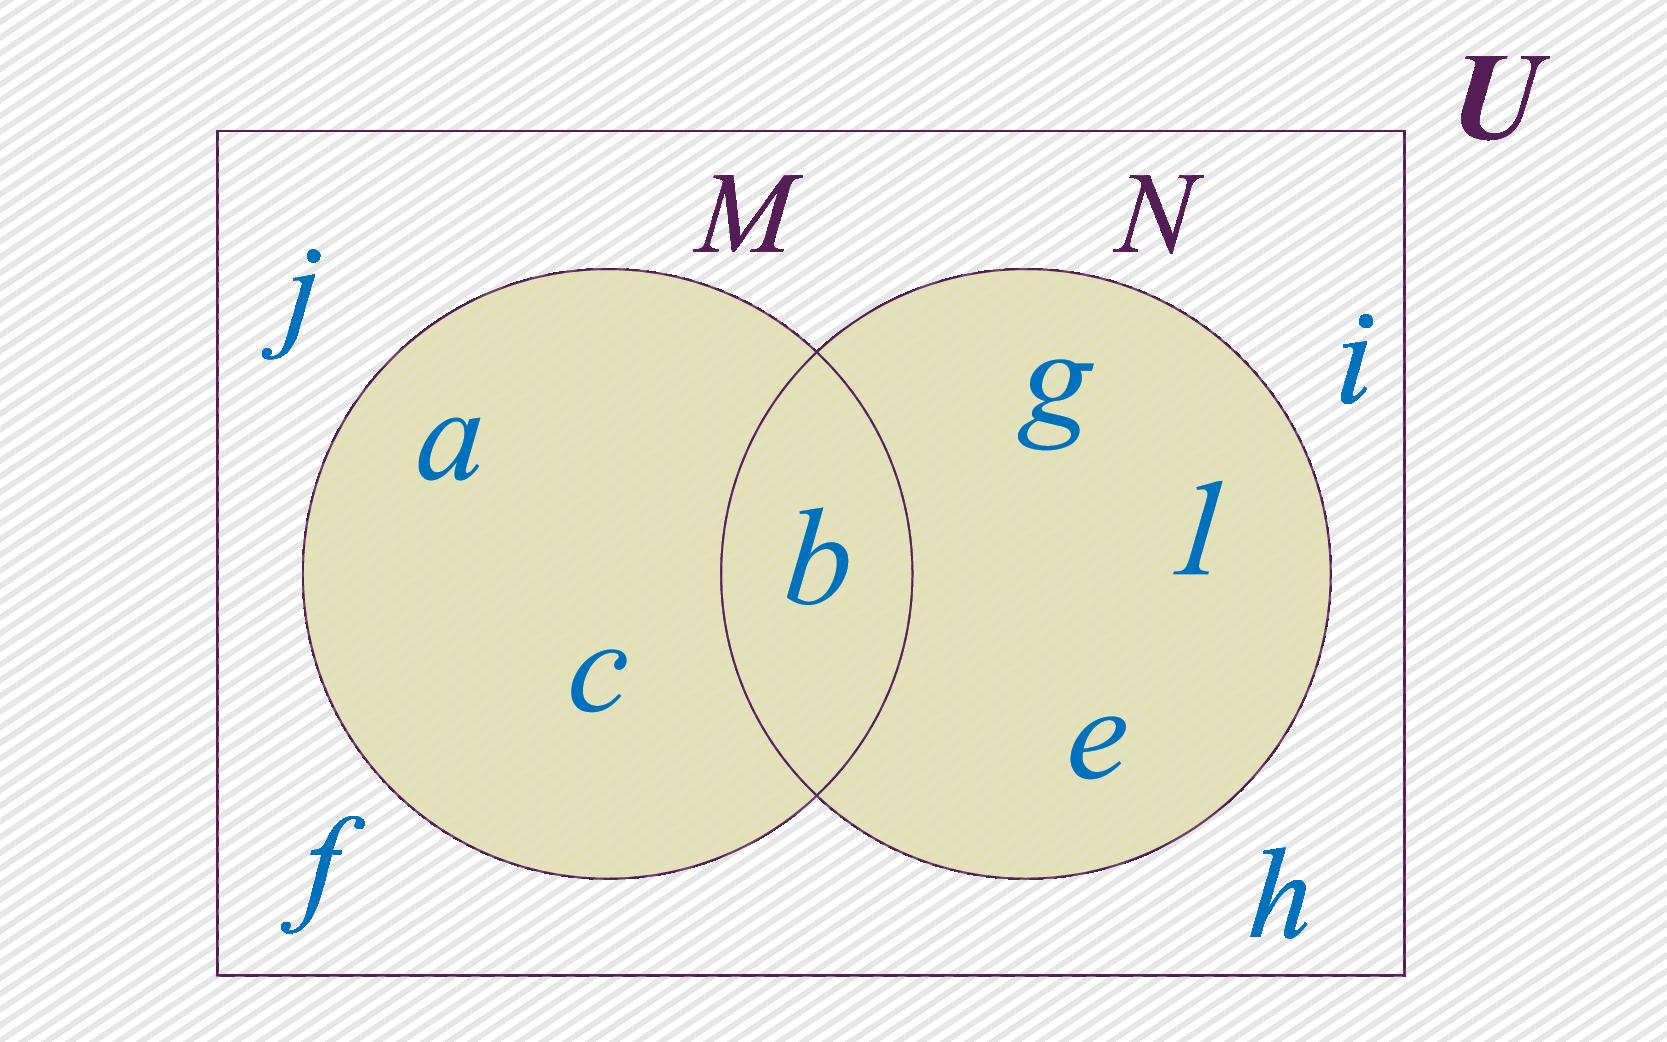 Conjuntos M e N.